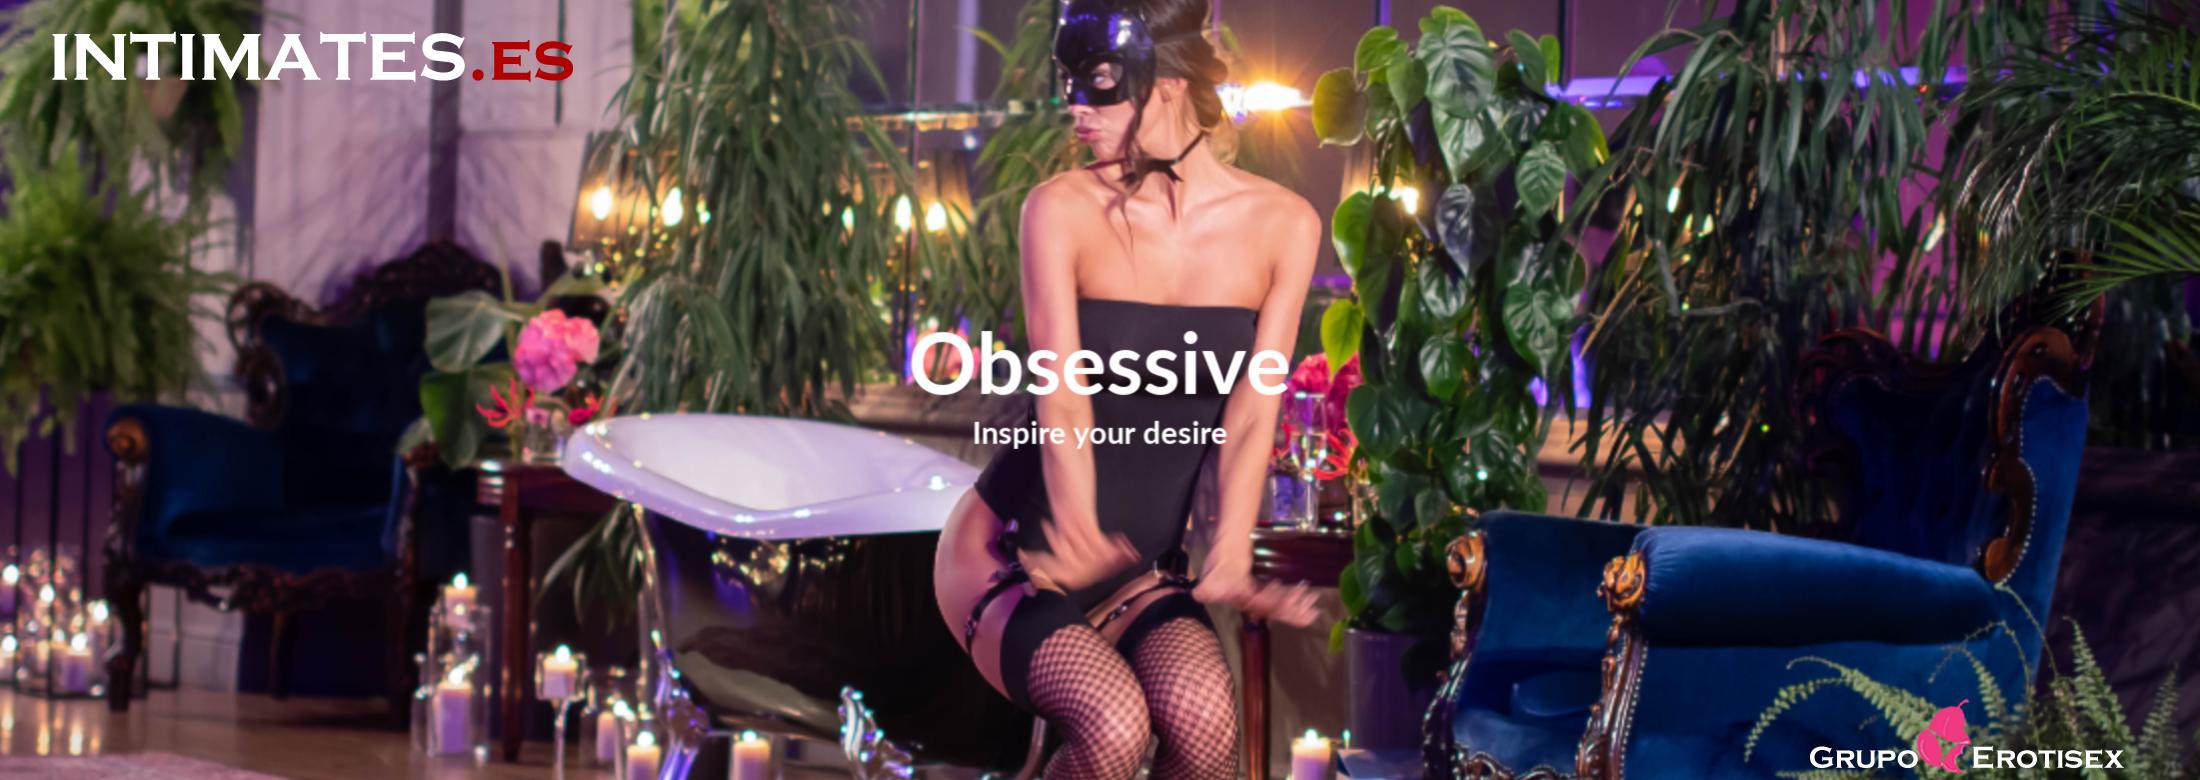 Obsessive te ofrece solo prendas de alta calidad, suaves al tacto y respetuosas con tu piel, sin olvidar que nuestro principal objetivo es ofrecerte la lencería más sexy con los diseños más novedosos del mercado.